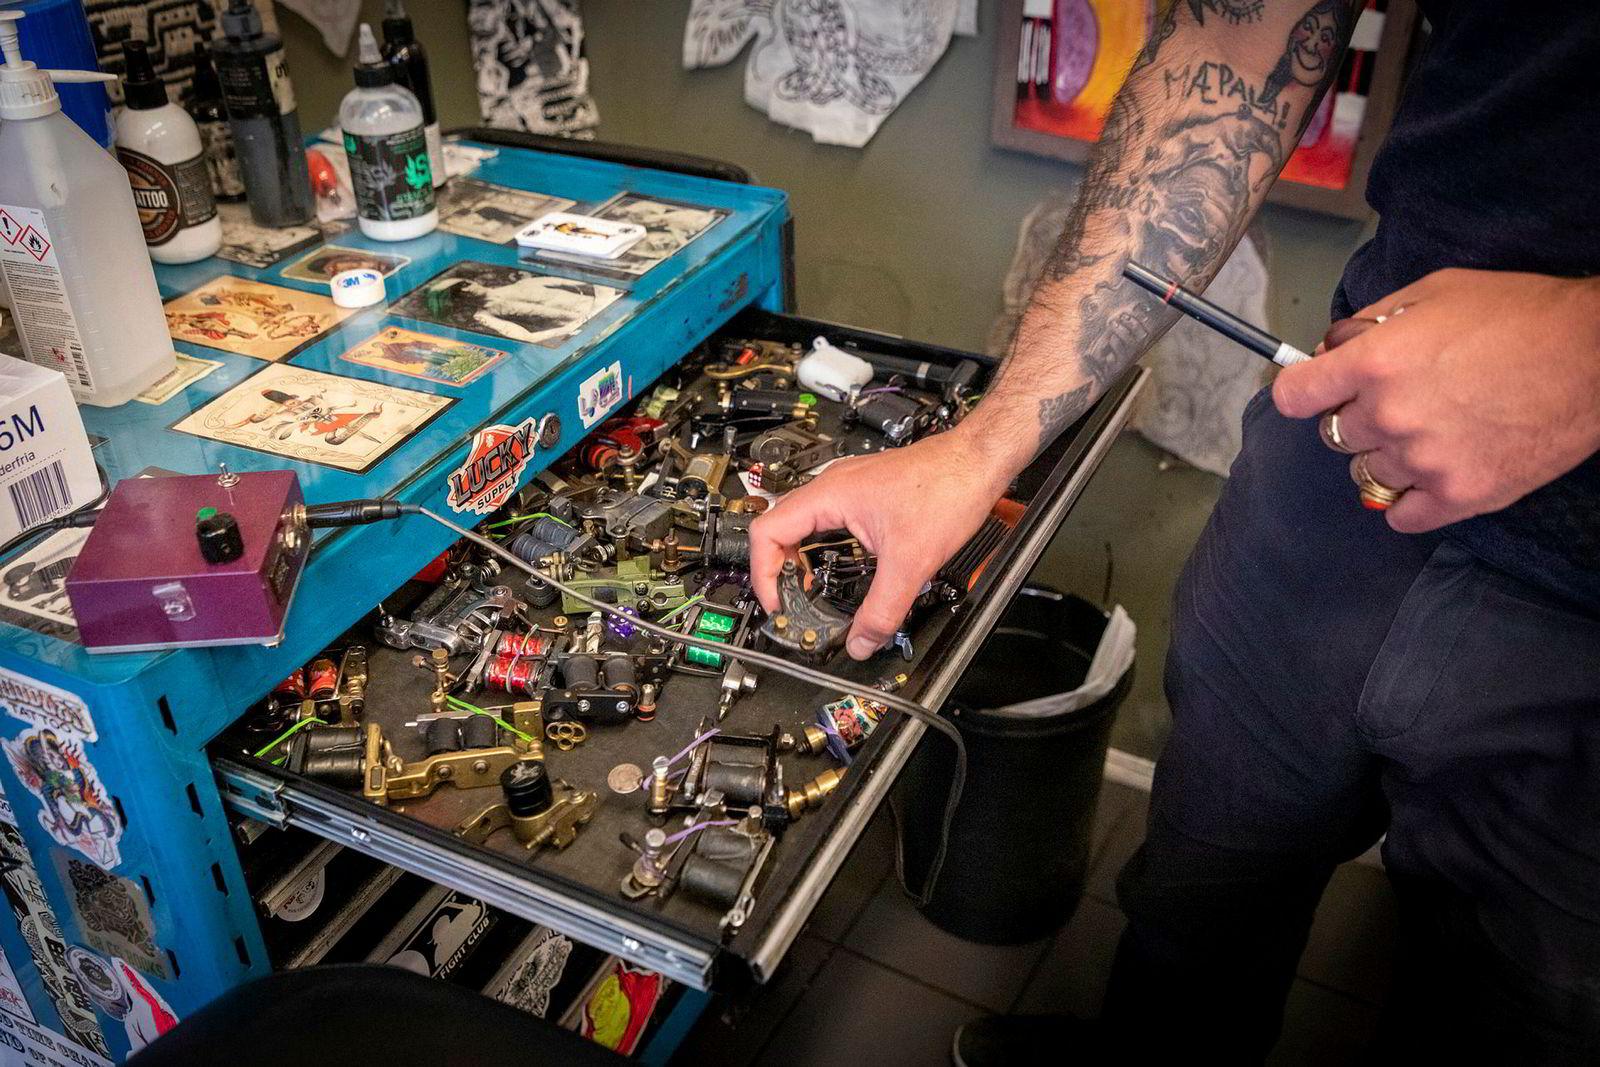 Dinson Purcell venter på at kundene skal komme tilbake til hans tatoveringsstudio sentralt i Oslo. I mellomtiden rydder han i utstyrsskuffen.